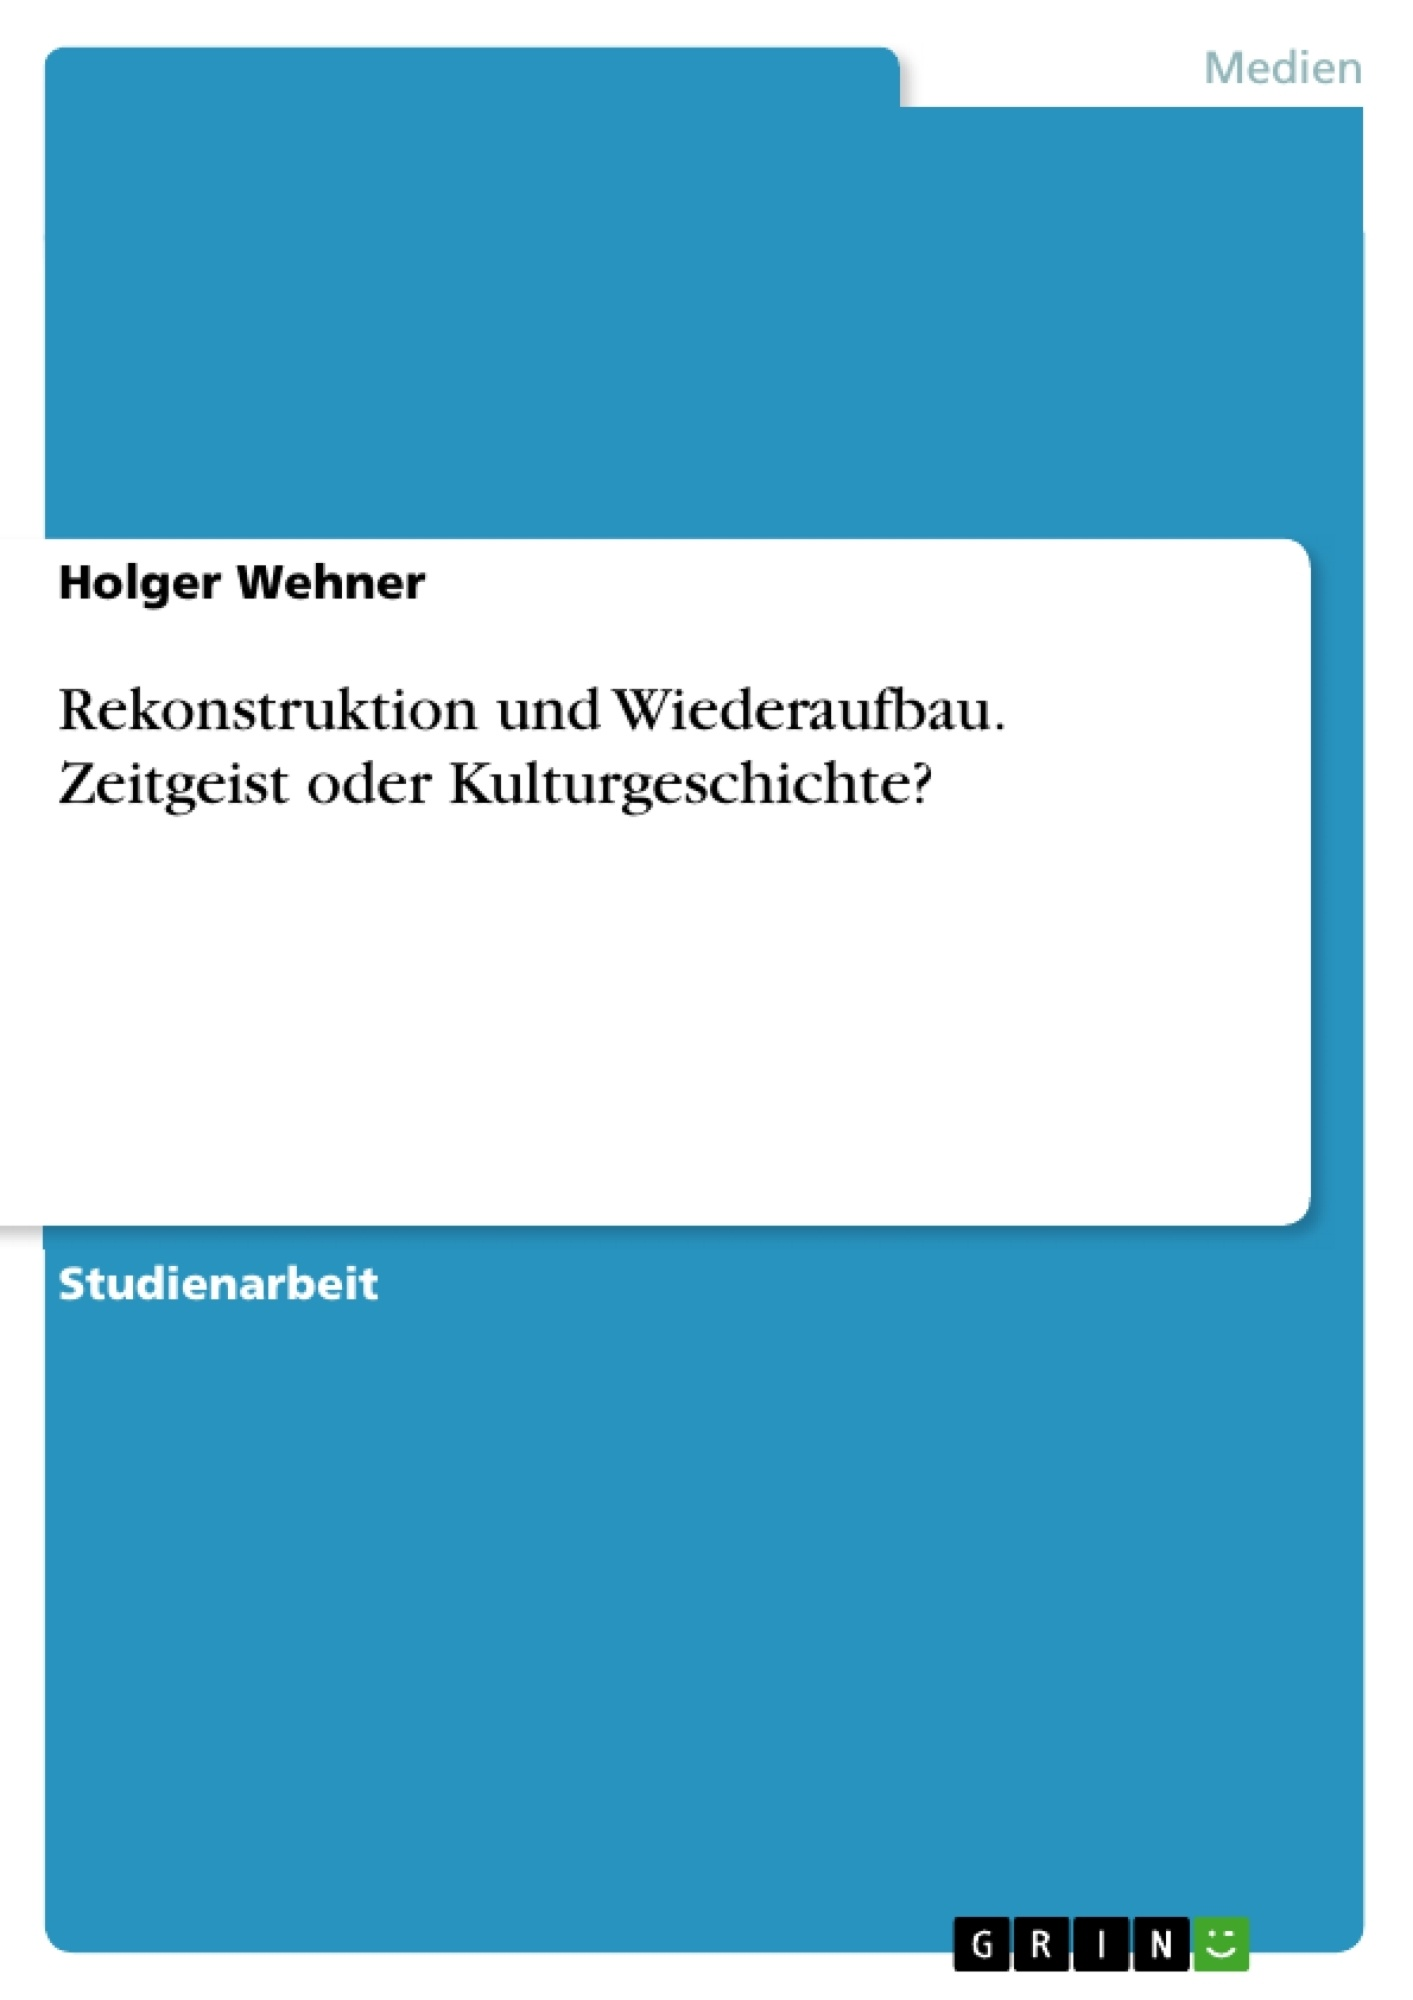 Titel: Rekonstruktion und Wiederaufbau. Zeitgeist oder Kulturgeschichte?